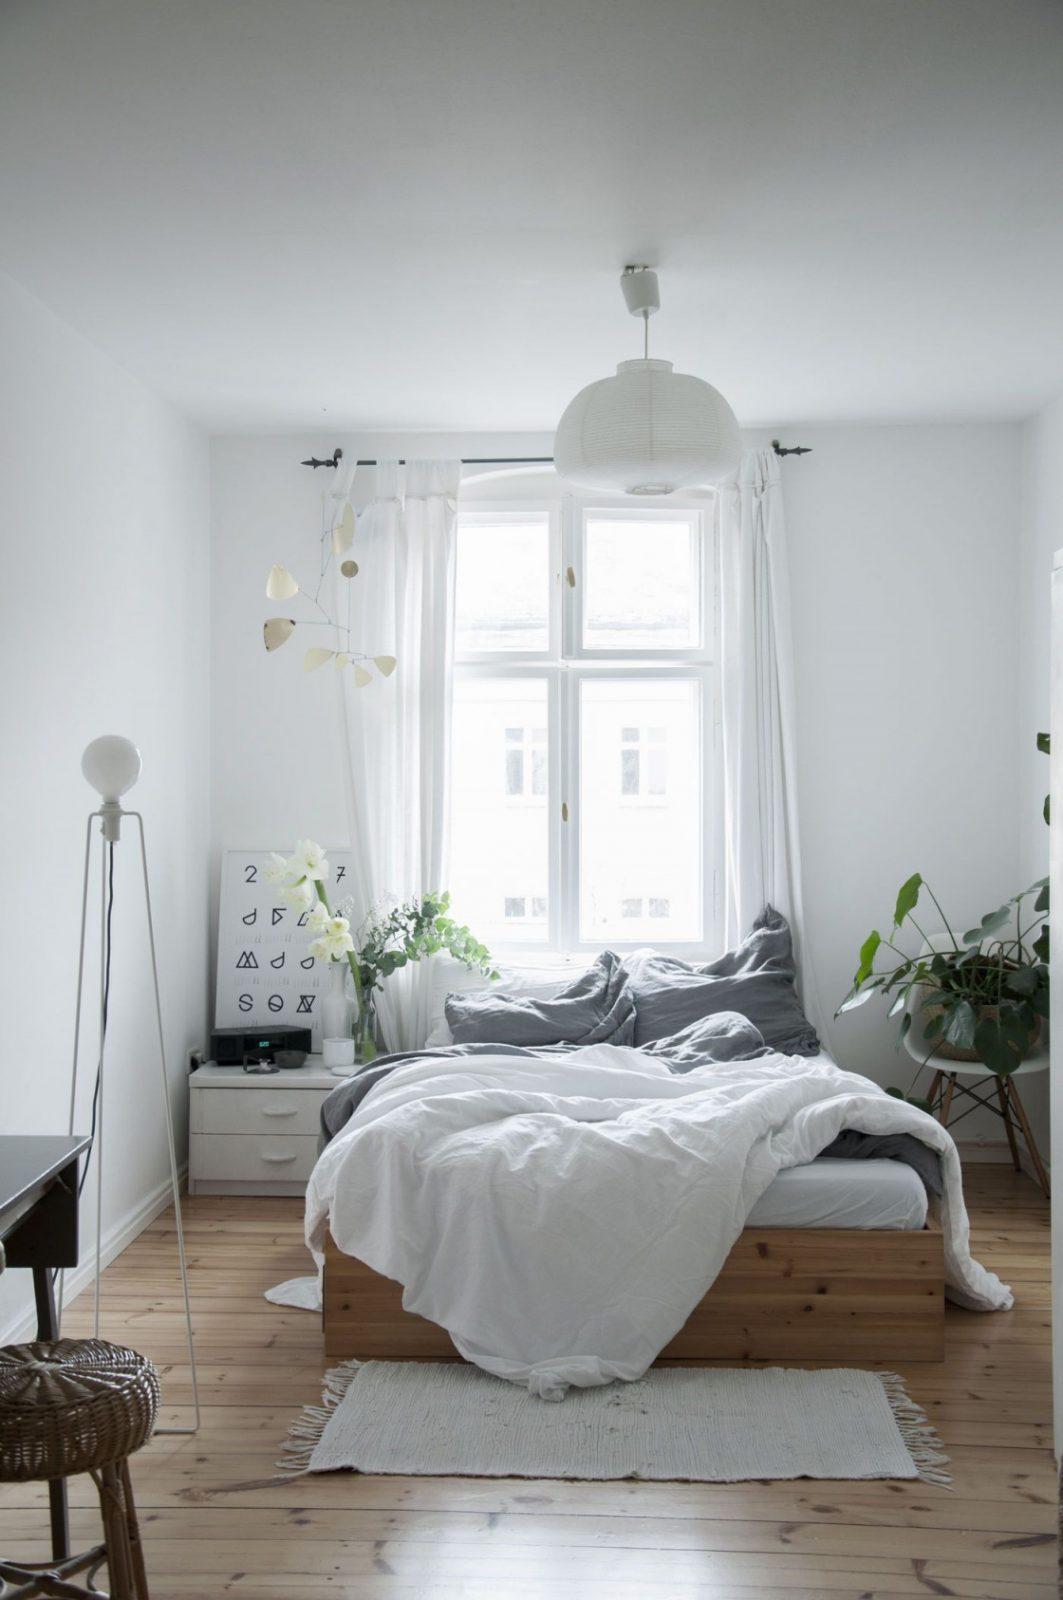 Kleines Schlafzimmer Einrichten Tipps Und Ideen Schlafzimmer von Ideen Schlafzimmer Einrichten Photo